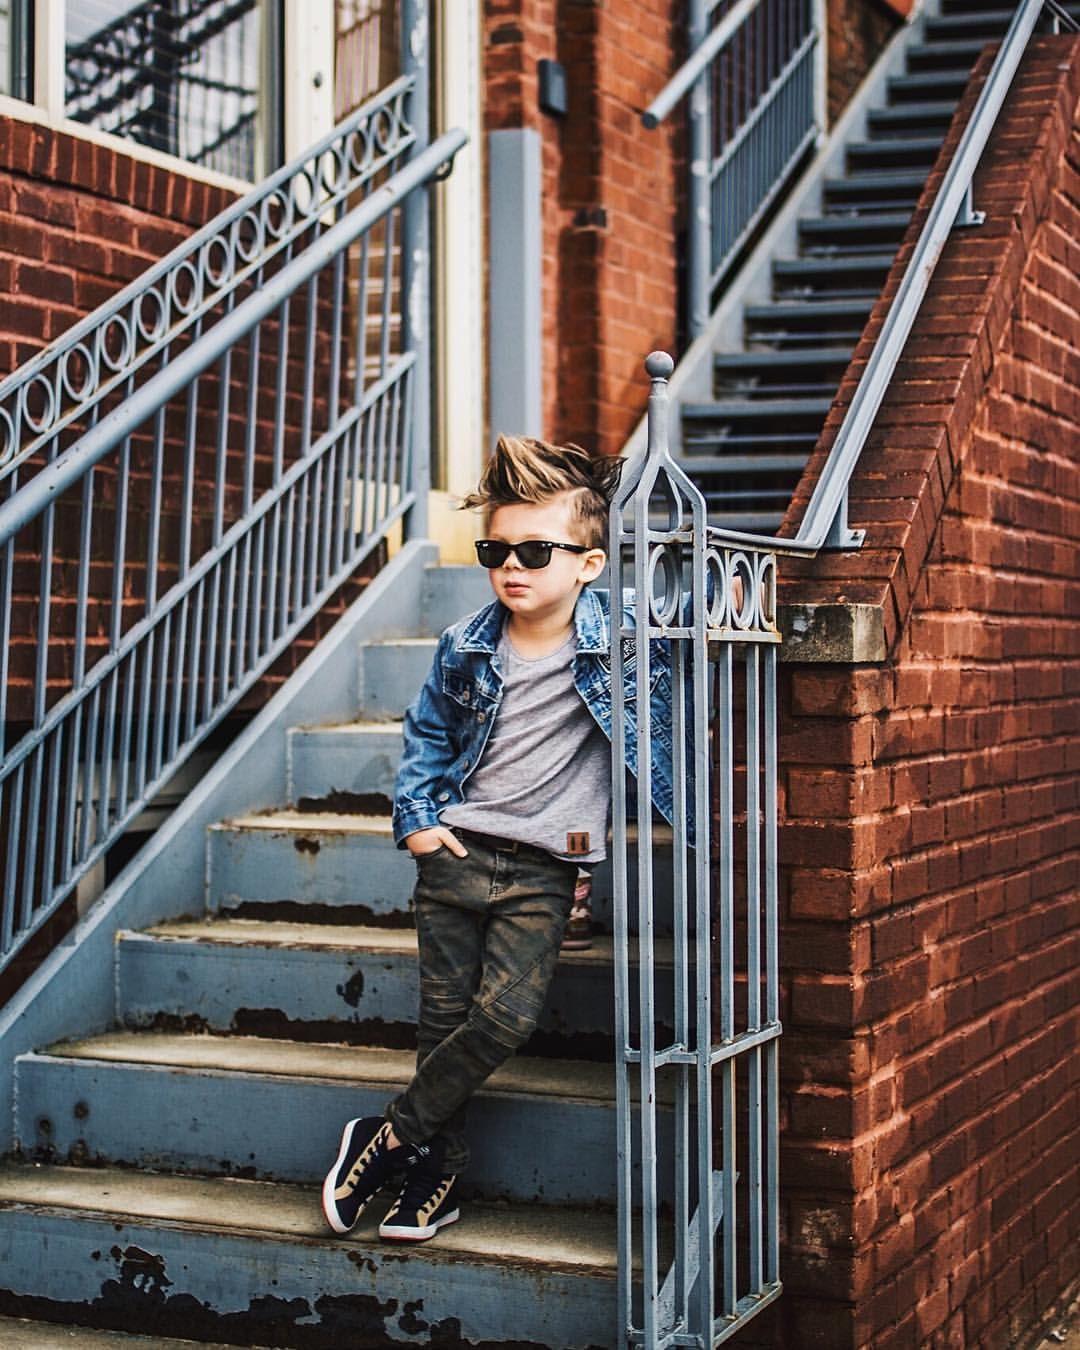 Tysthreads Boy Style Hair Boystyle Boyfashion Fashion